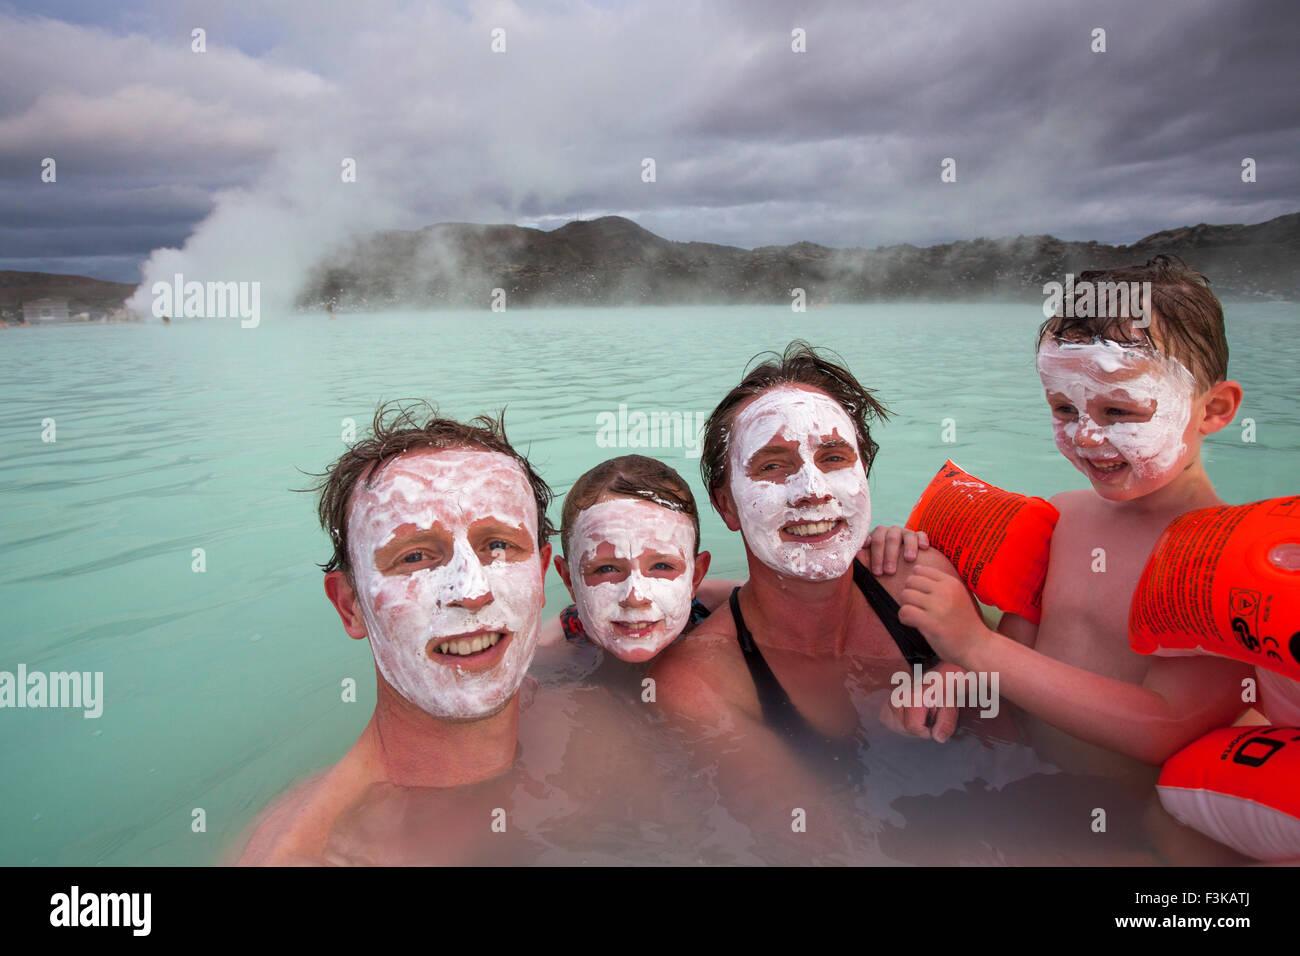 Famille avec de la boue de silice masque de visage swimmning au spa géothermal Blue Lagoon. Grindavik, Islande. Banque D'Images